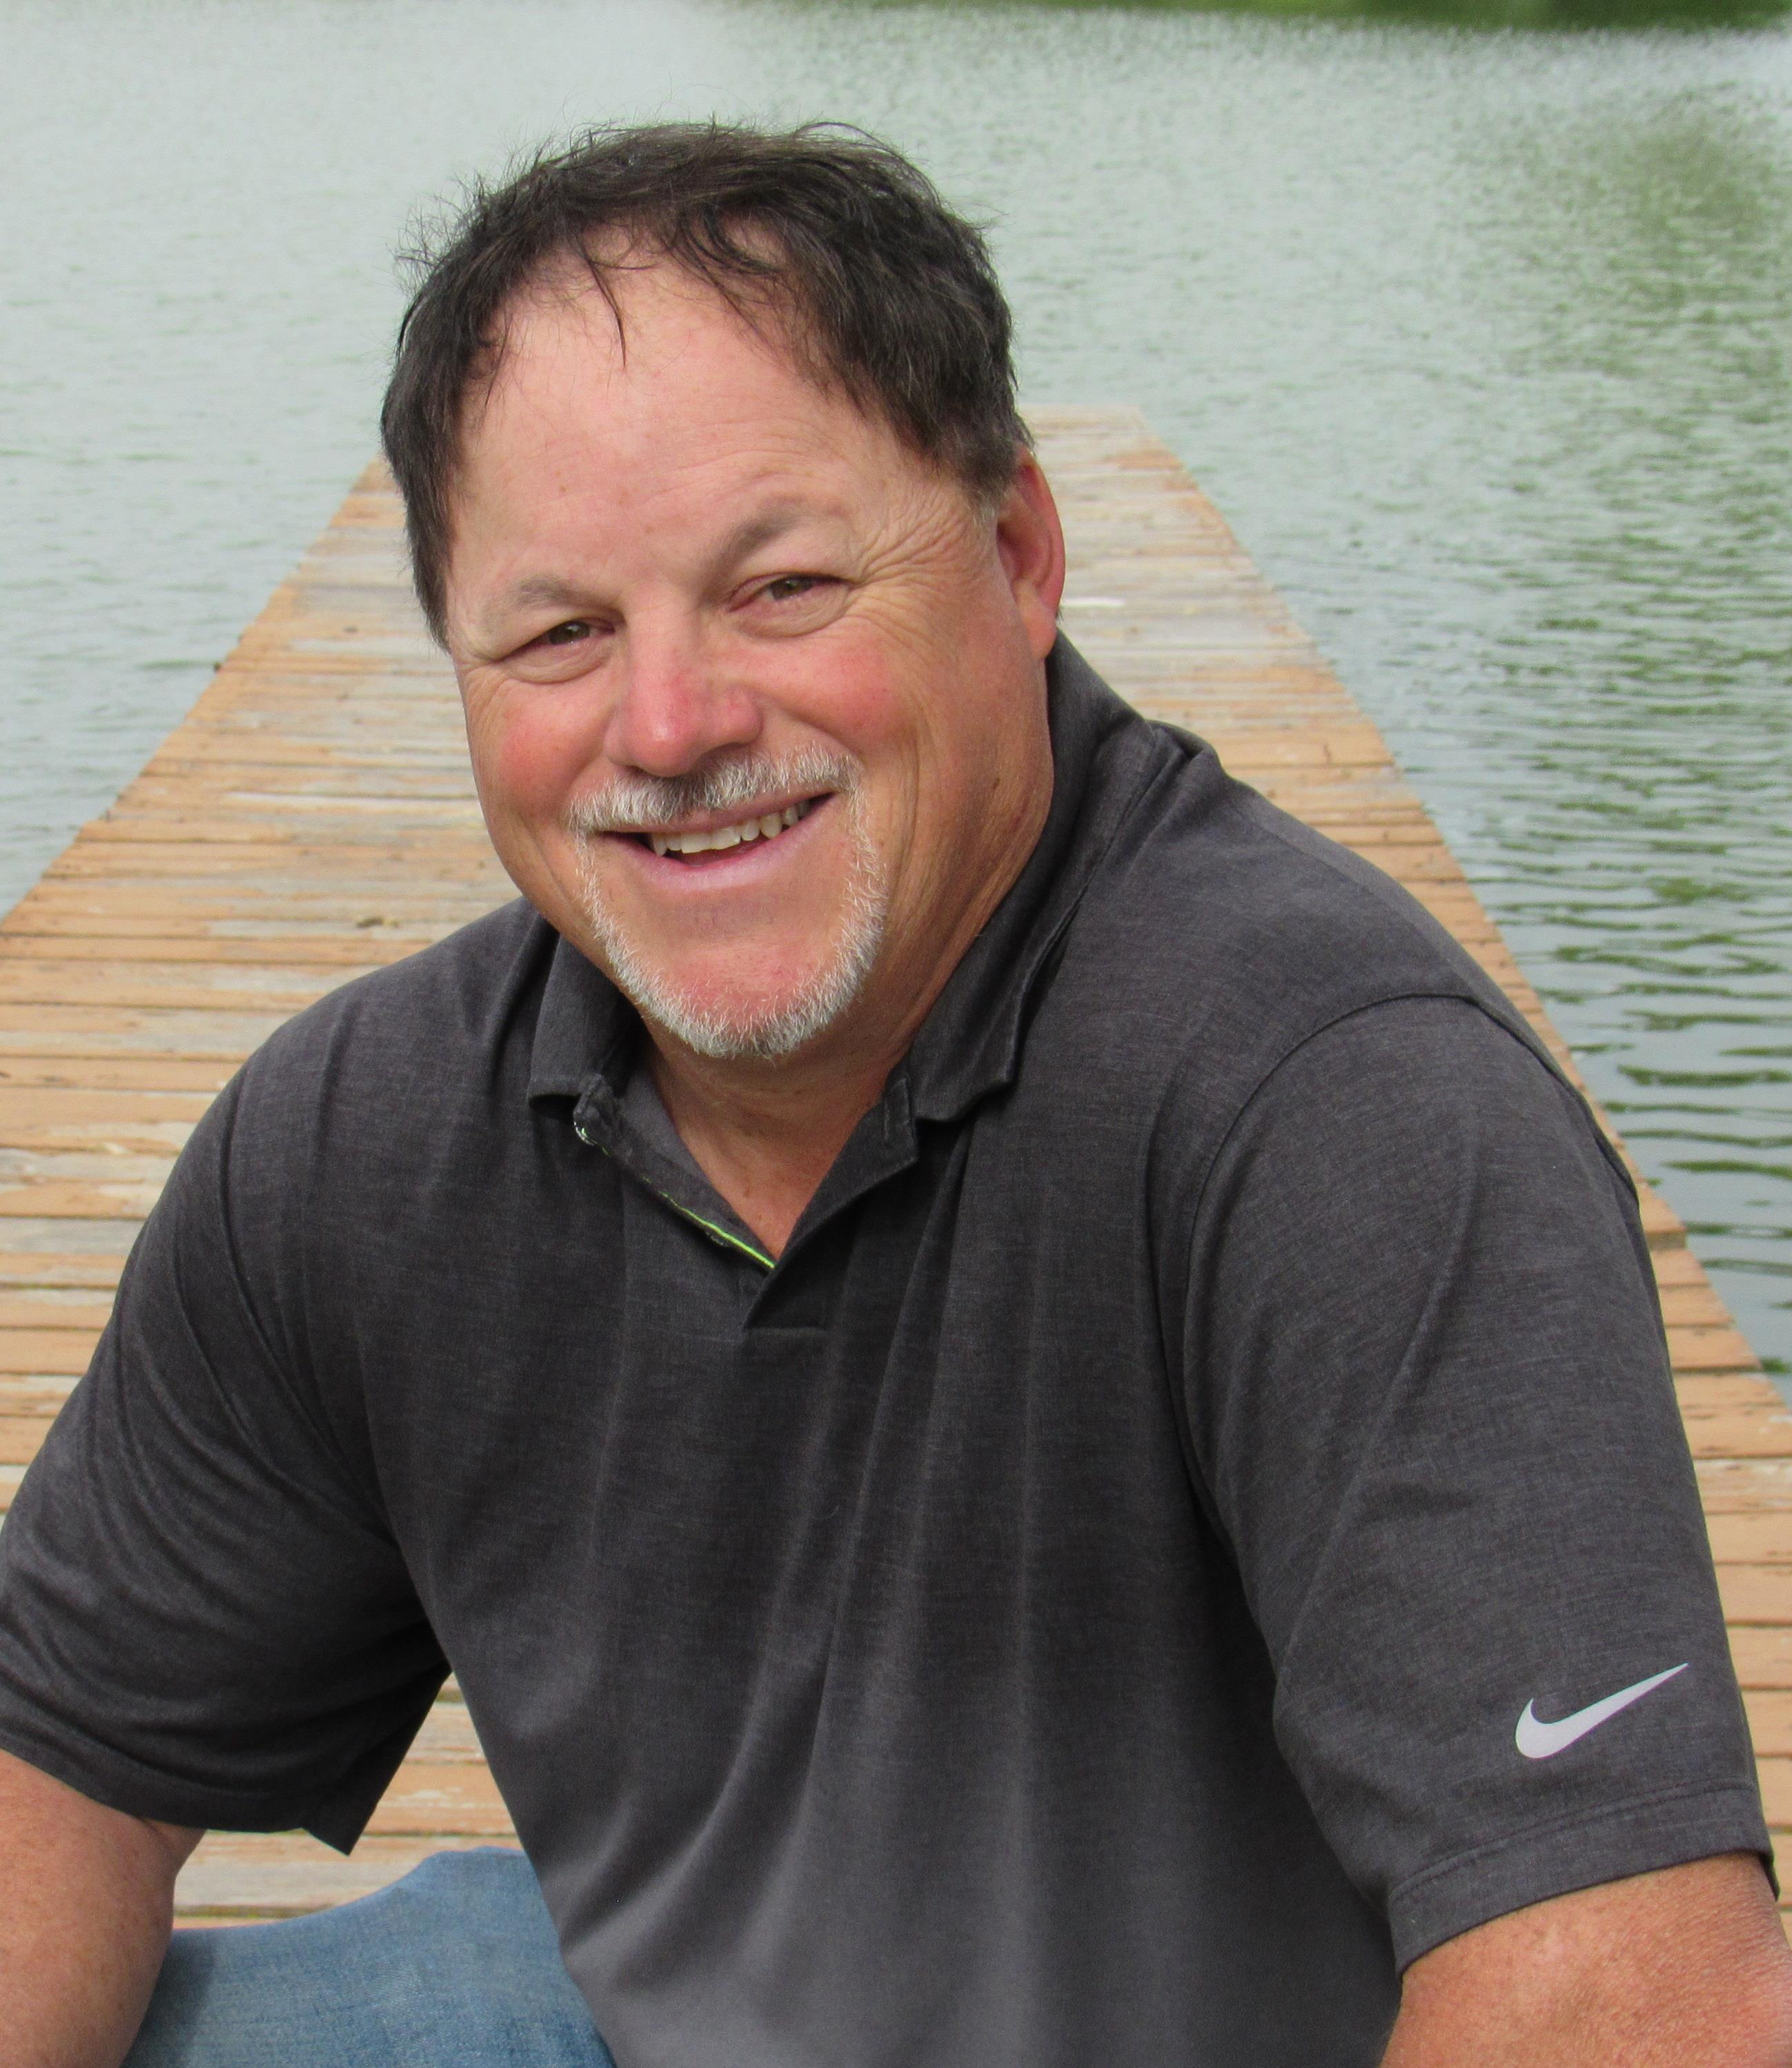 Doug Robins